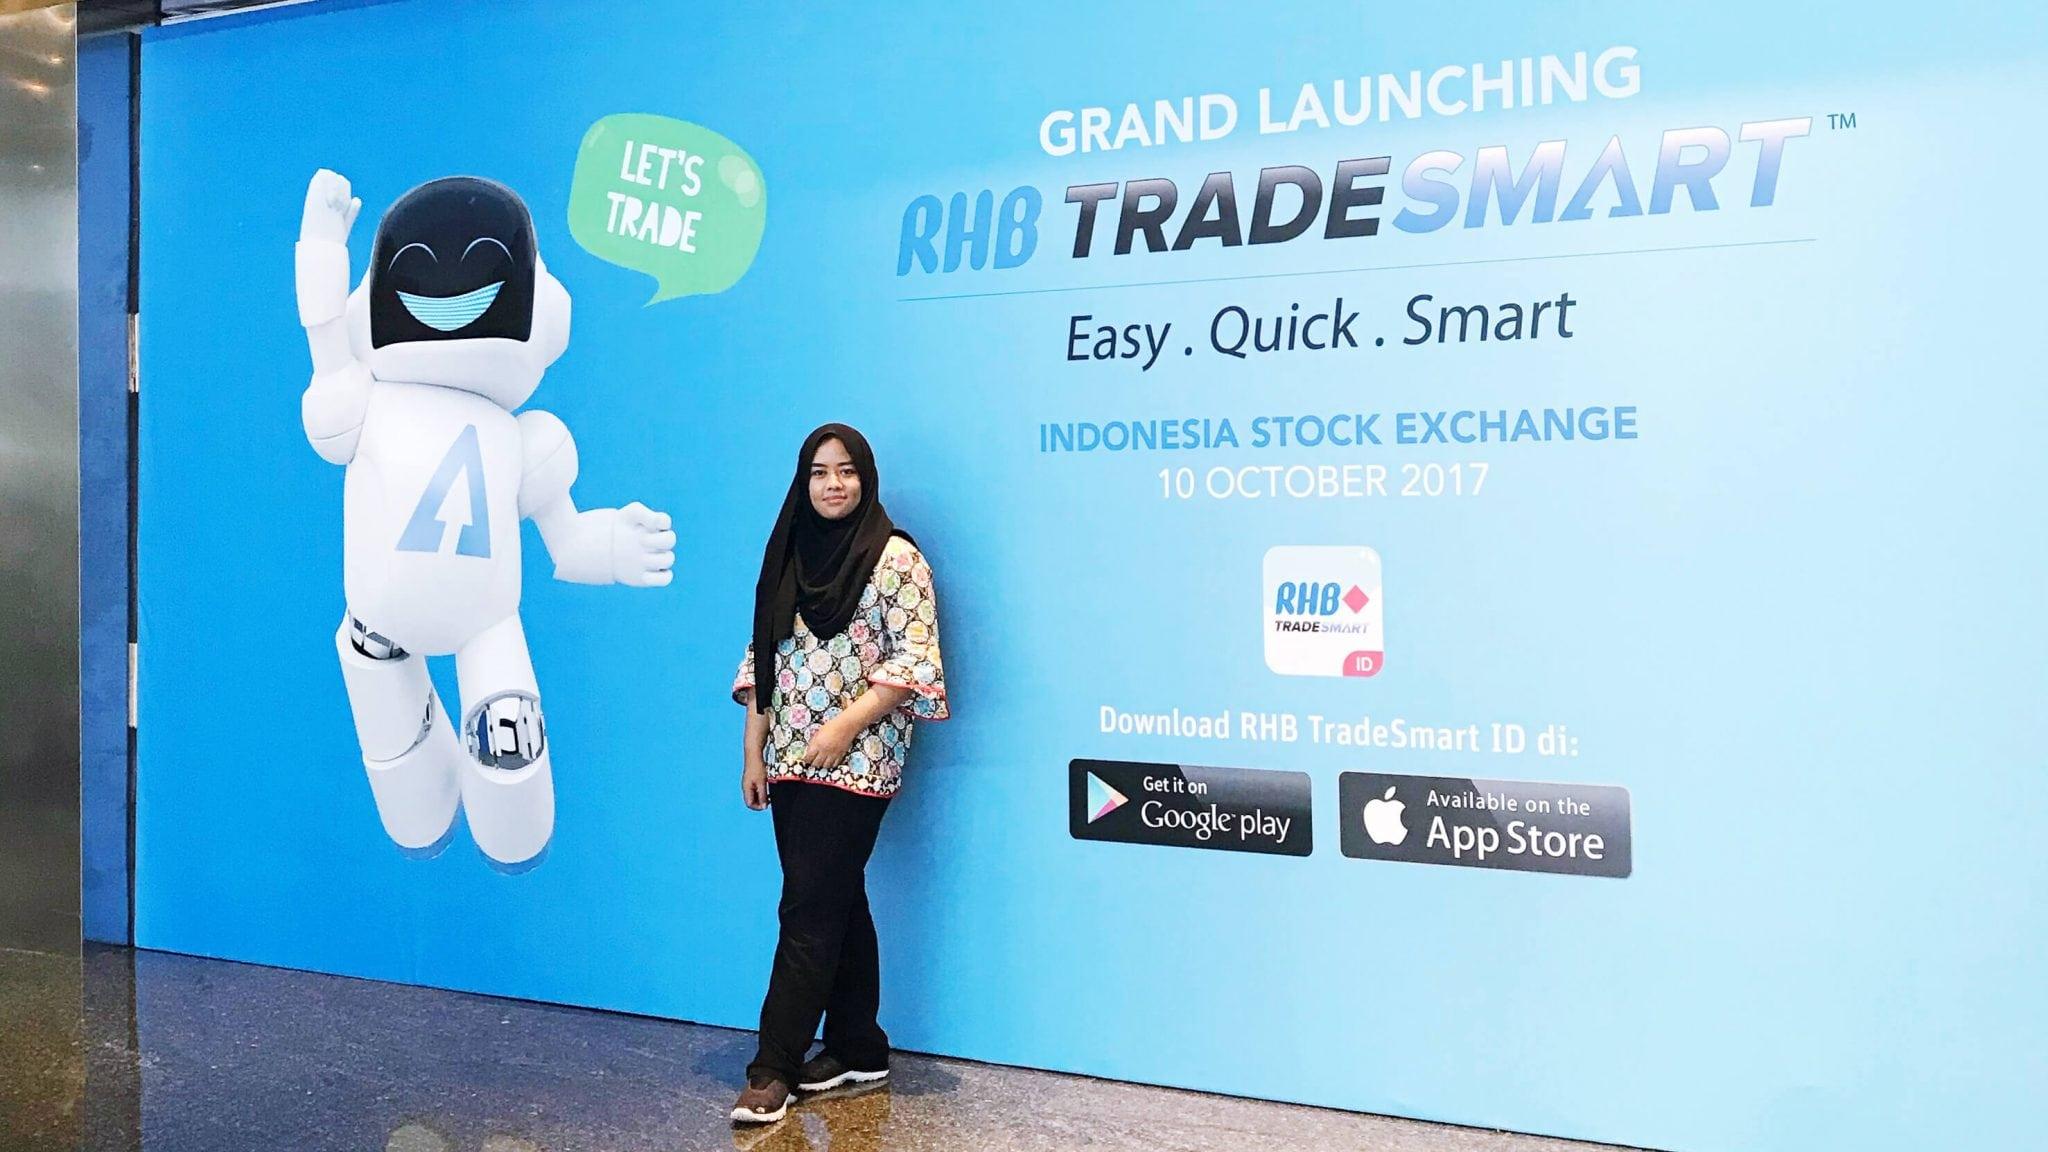 Peluncuran RHB TradeSmart with ARO 5